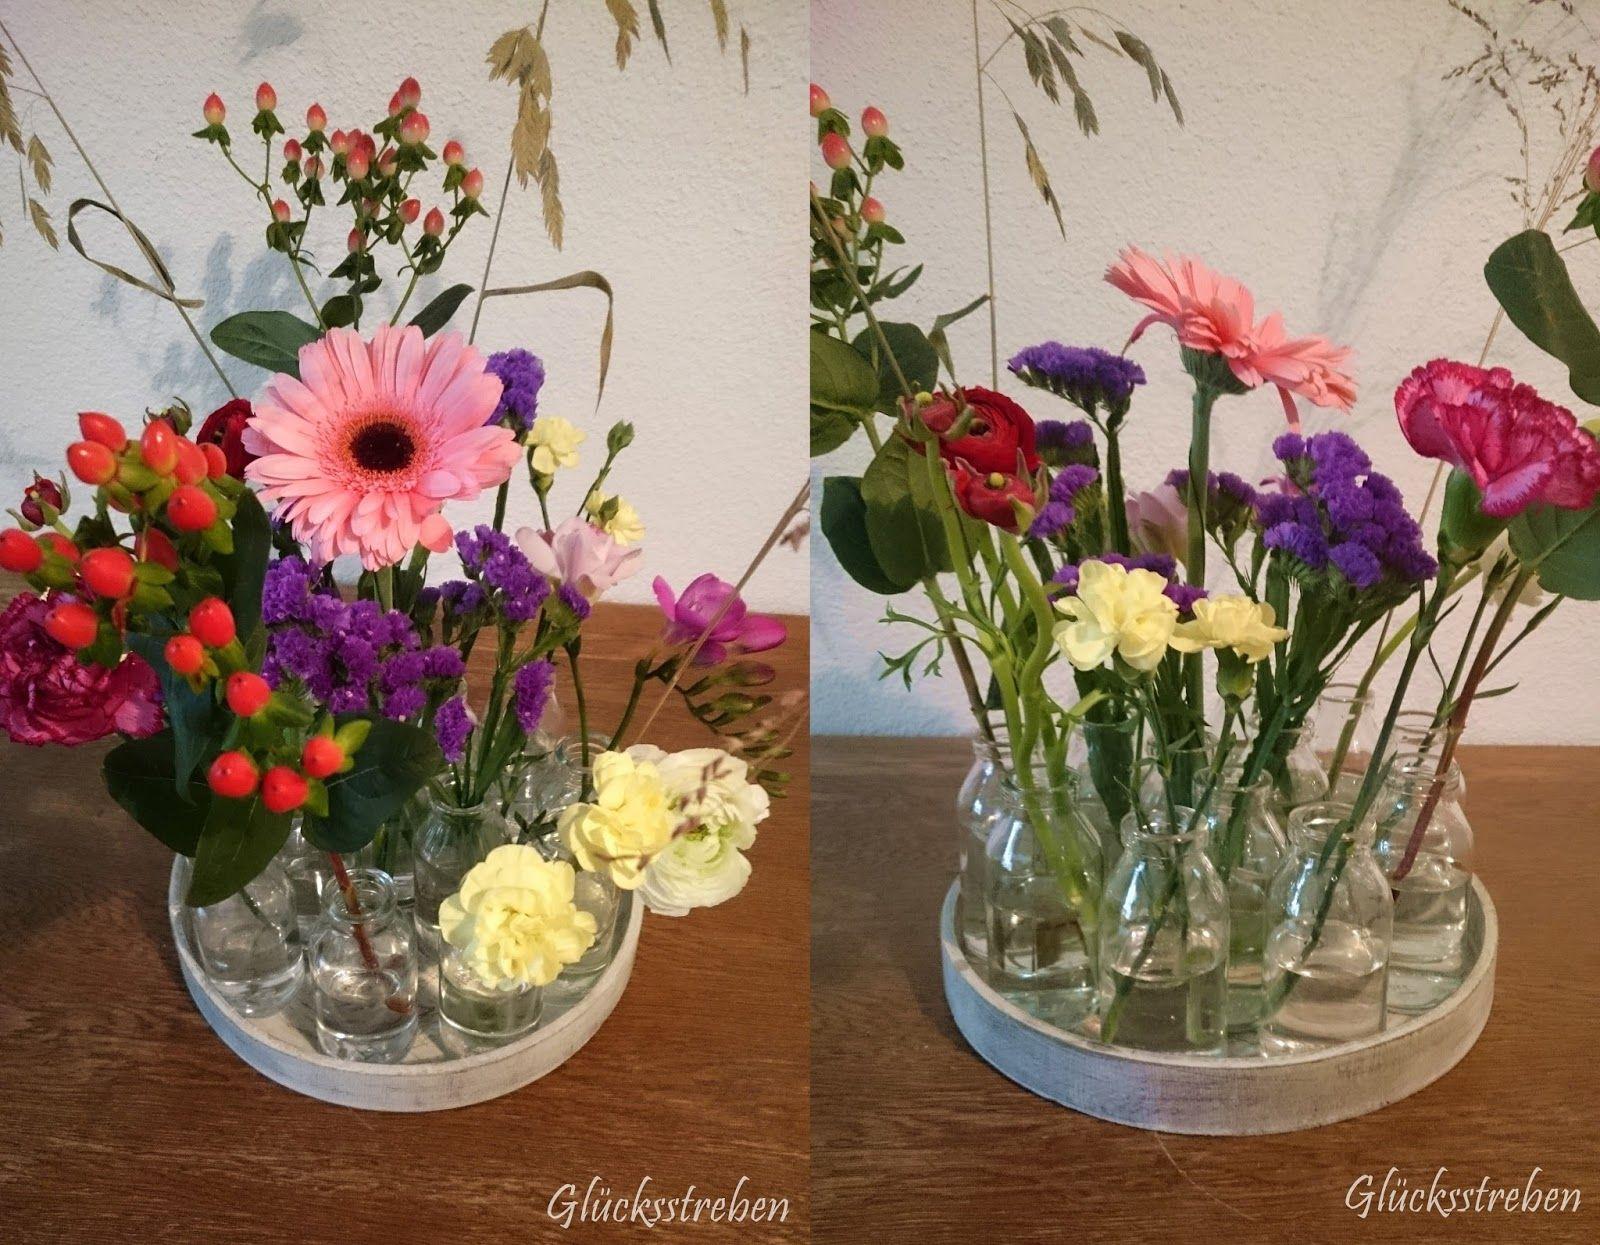 Glücksstreben Einfache Blumendekoration easy way to decorate